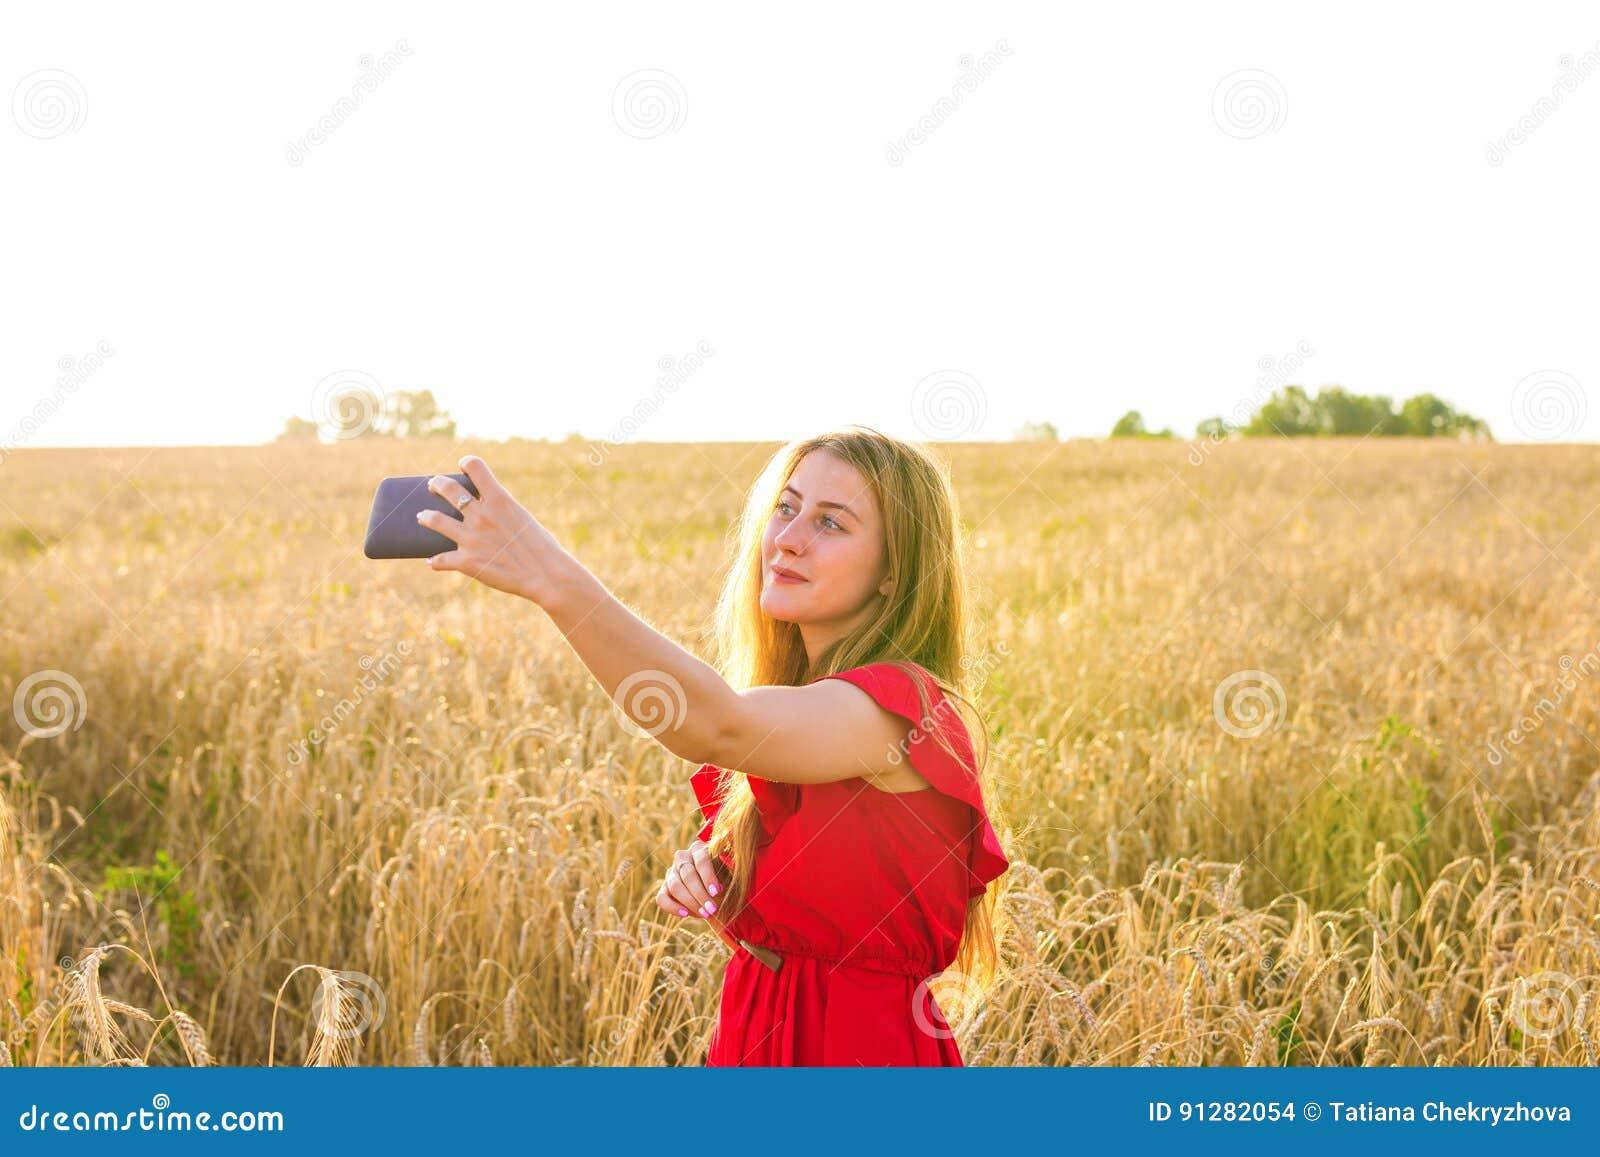 Stående av ett le foto för ung flickadanandeselfie i fältet